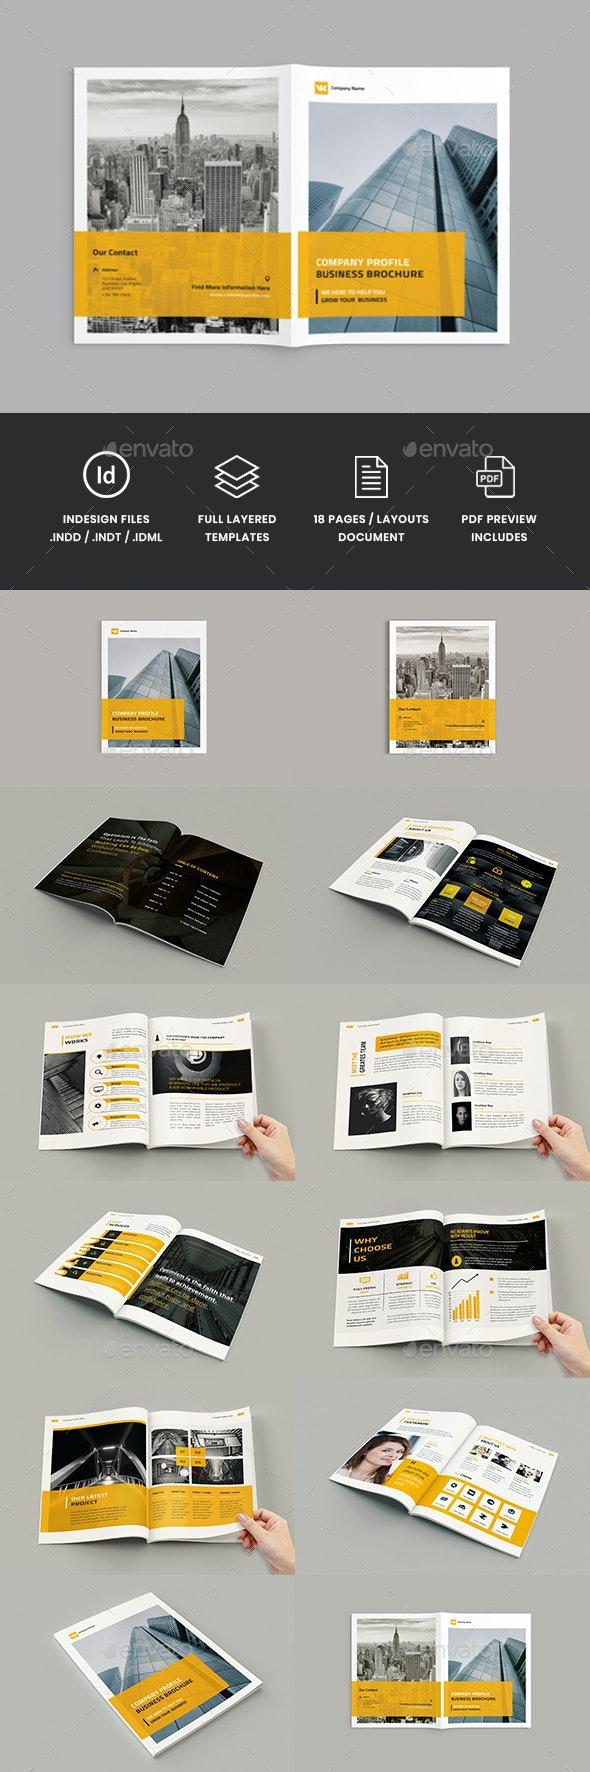 Deadalus - A4 Company Profile Brochure Template - Corporate Brochures